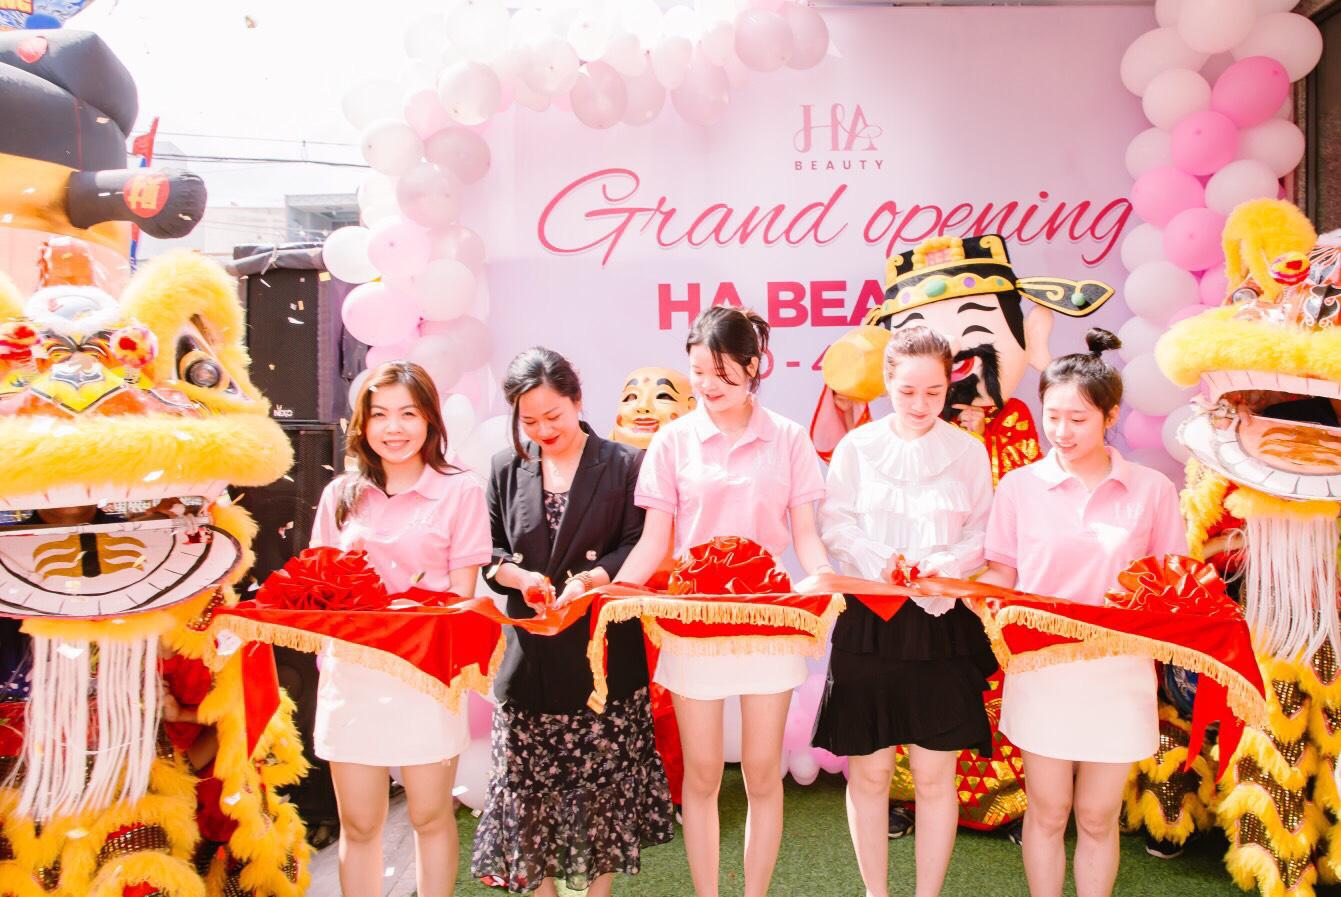 Chuỗi cửa hàng mỹ phẩm mini size HA Beauty khai trương đồng loạt tại Nha Trang và Cao Lãnh - Ảnh 2.